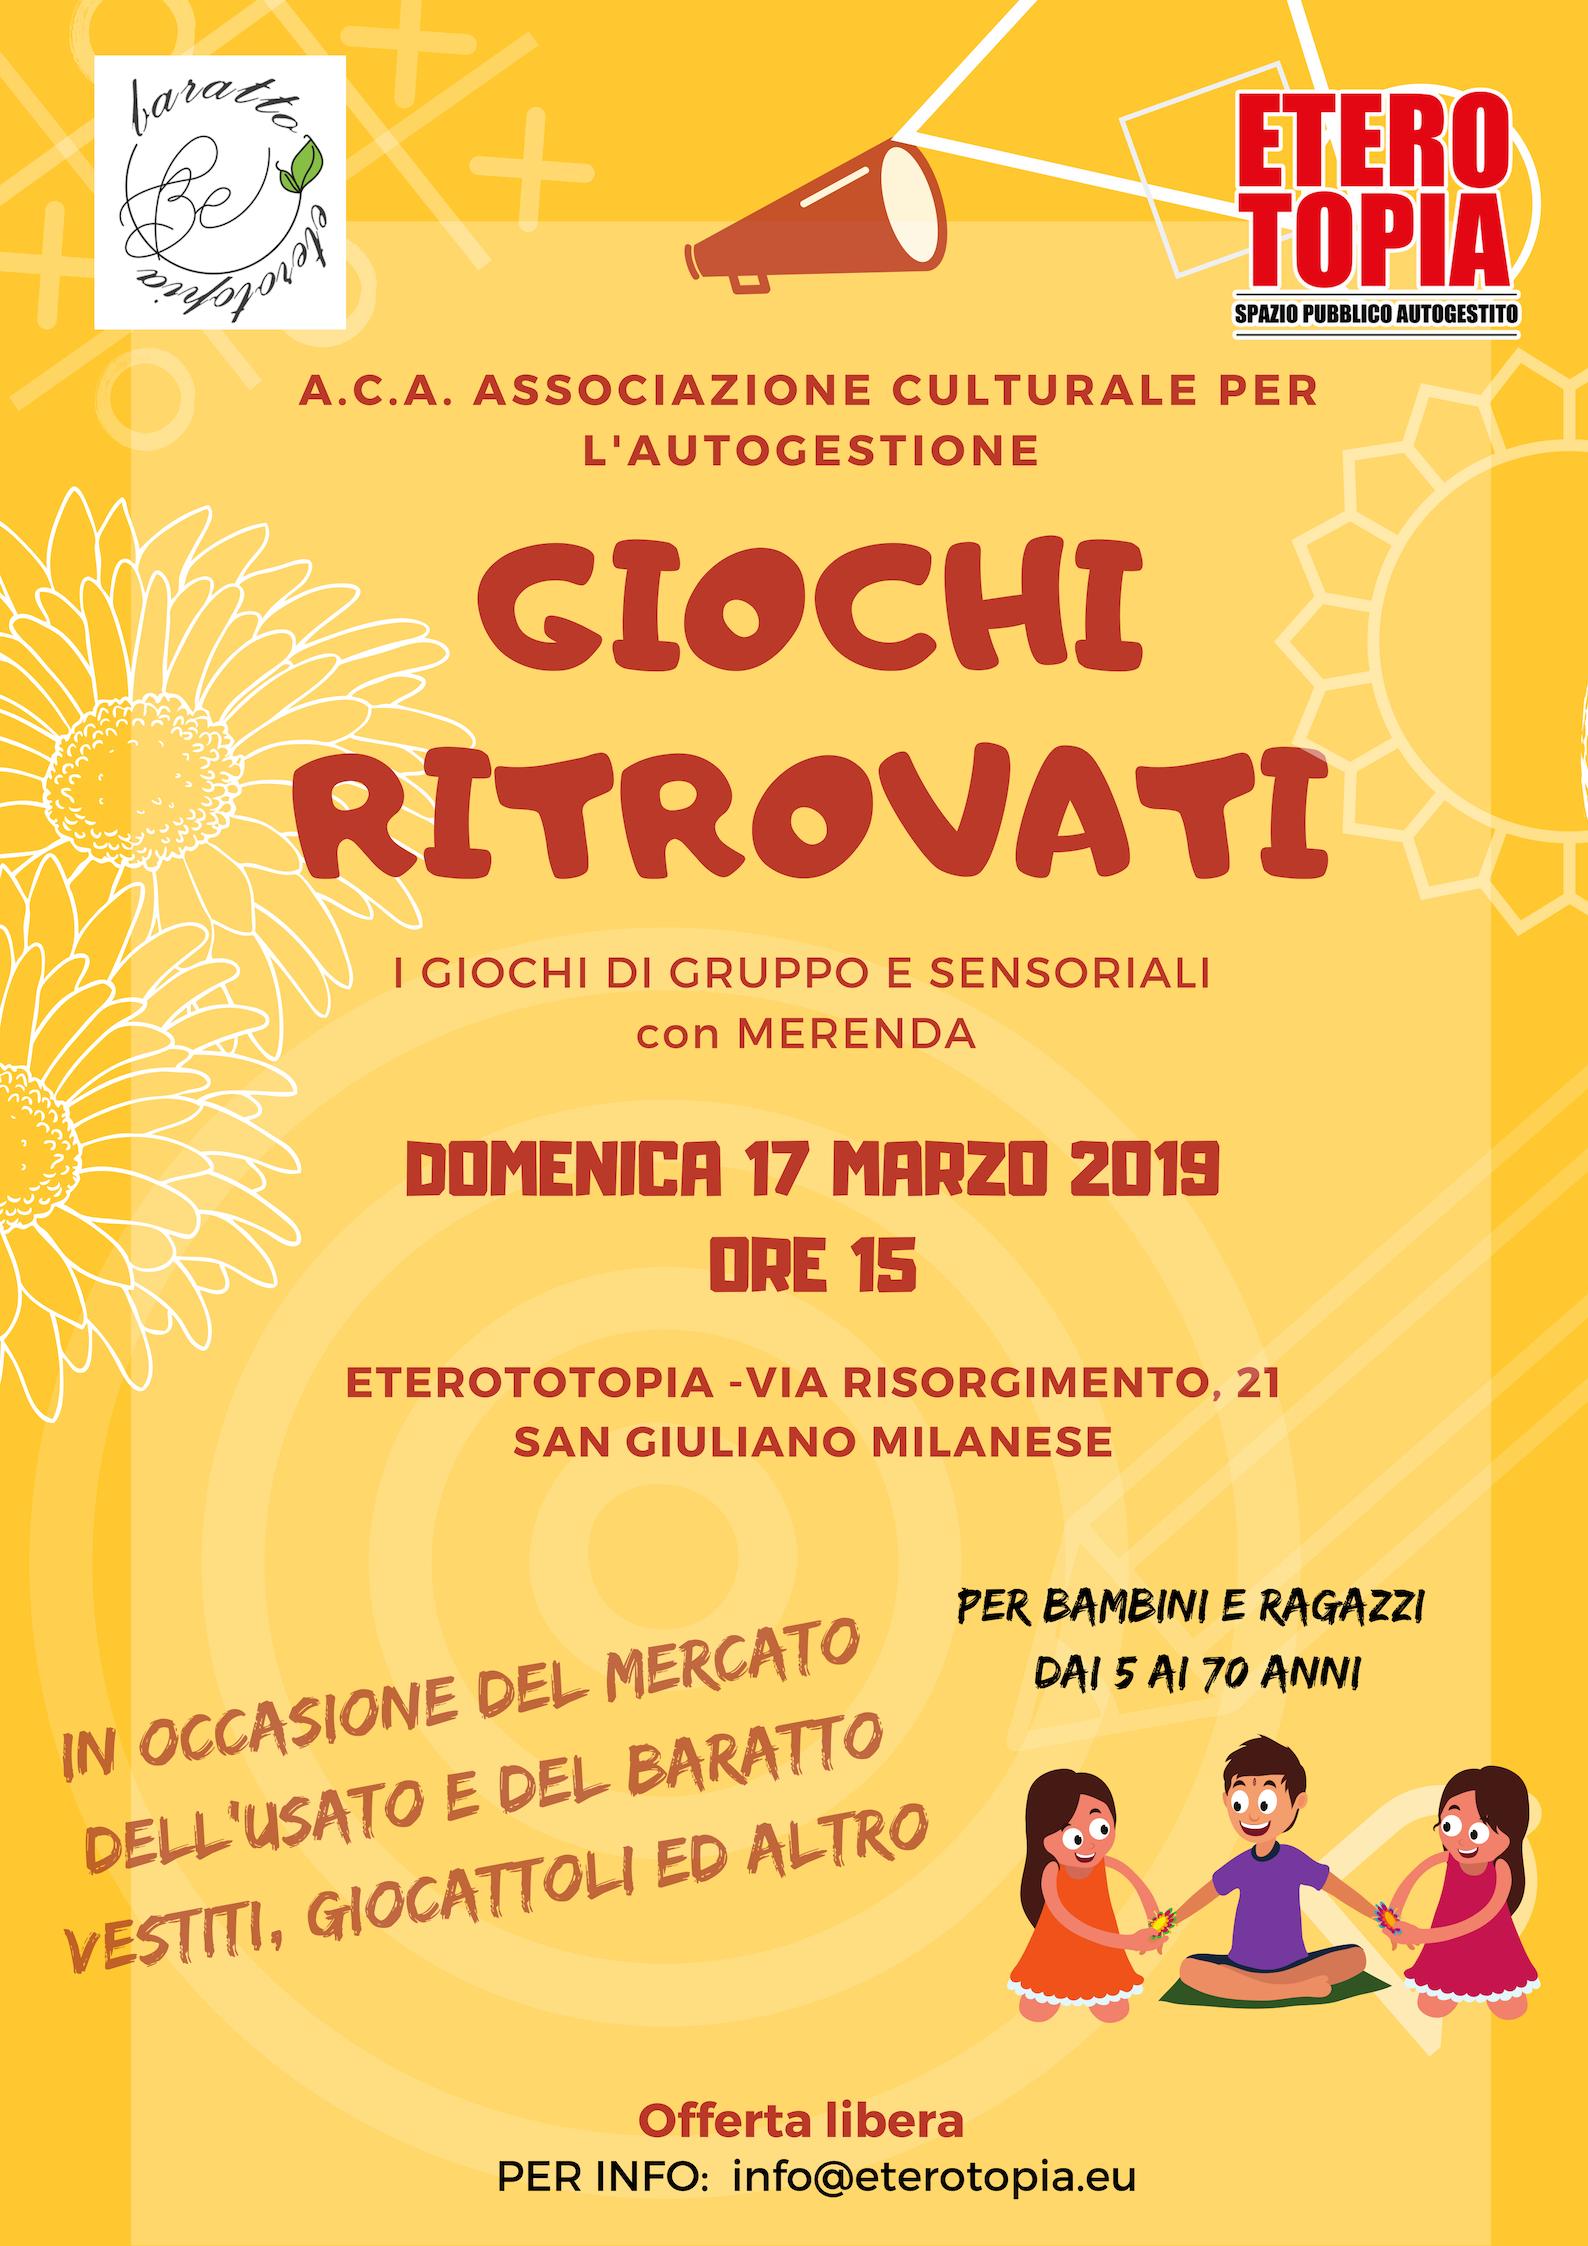 Giochi ritrovati + Mercato del baratto //17 Marzo 2019